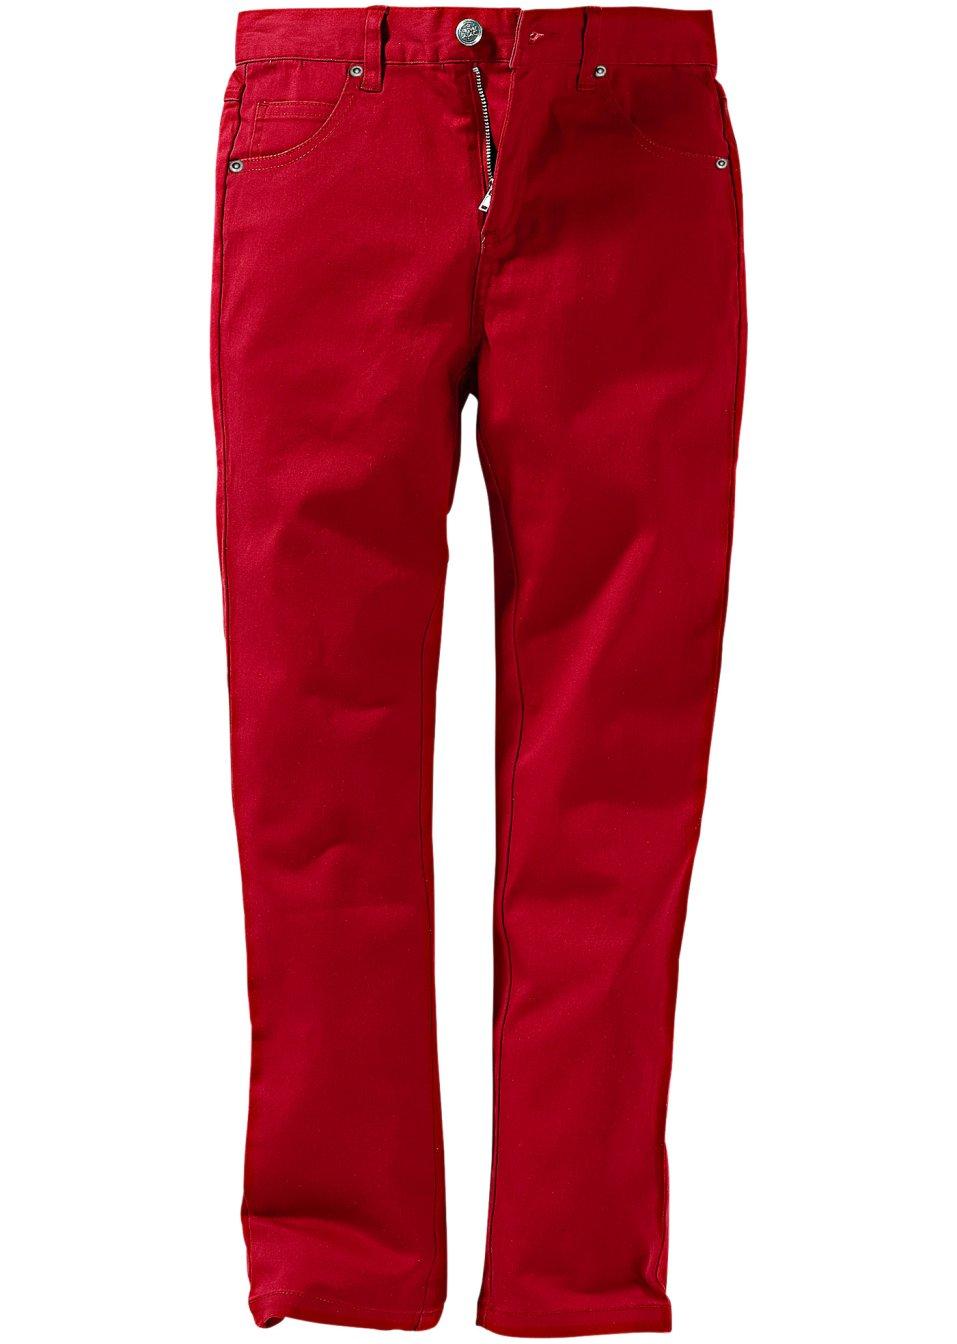 f550a6f70069 elf kostym grön och röd strl m finns på PricePi.com.